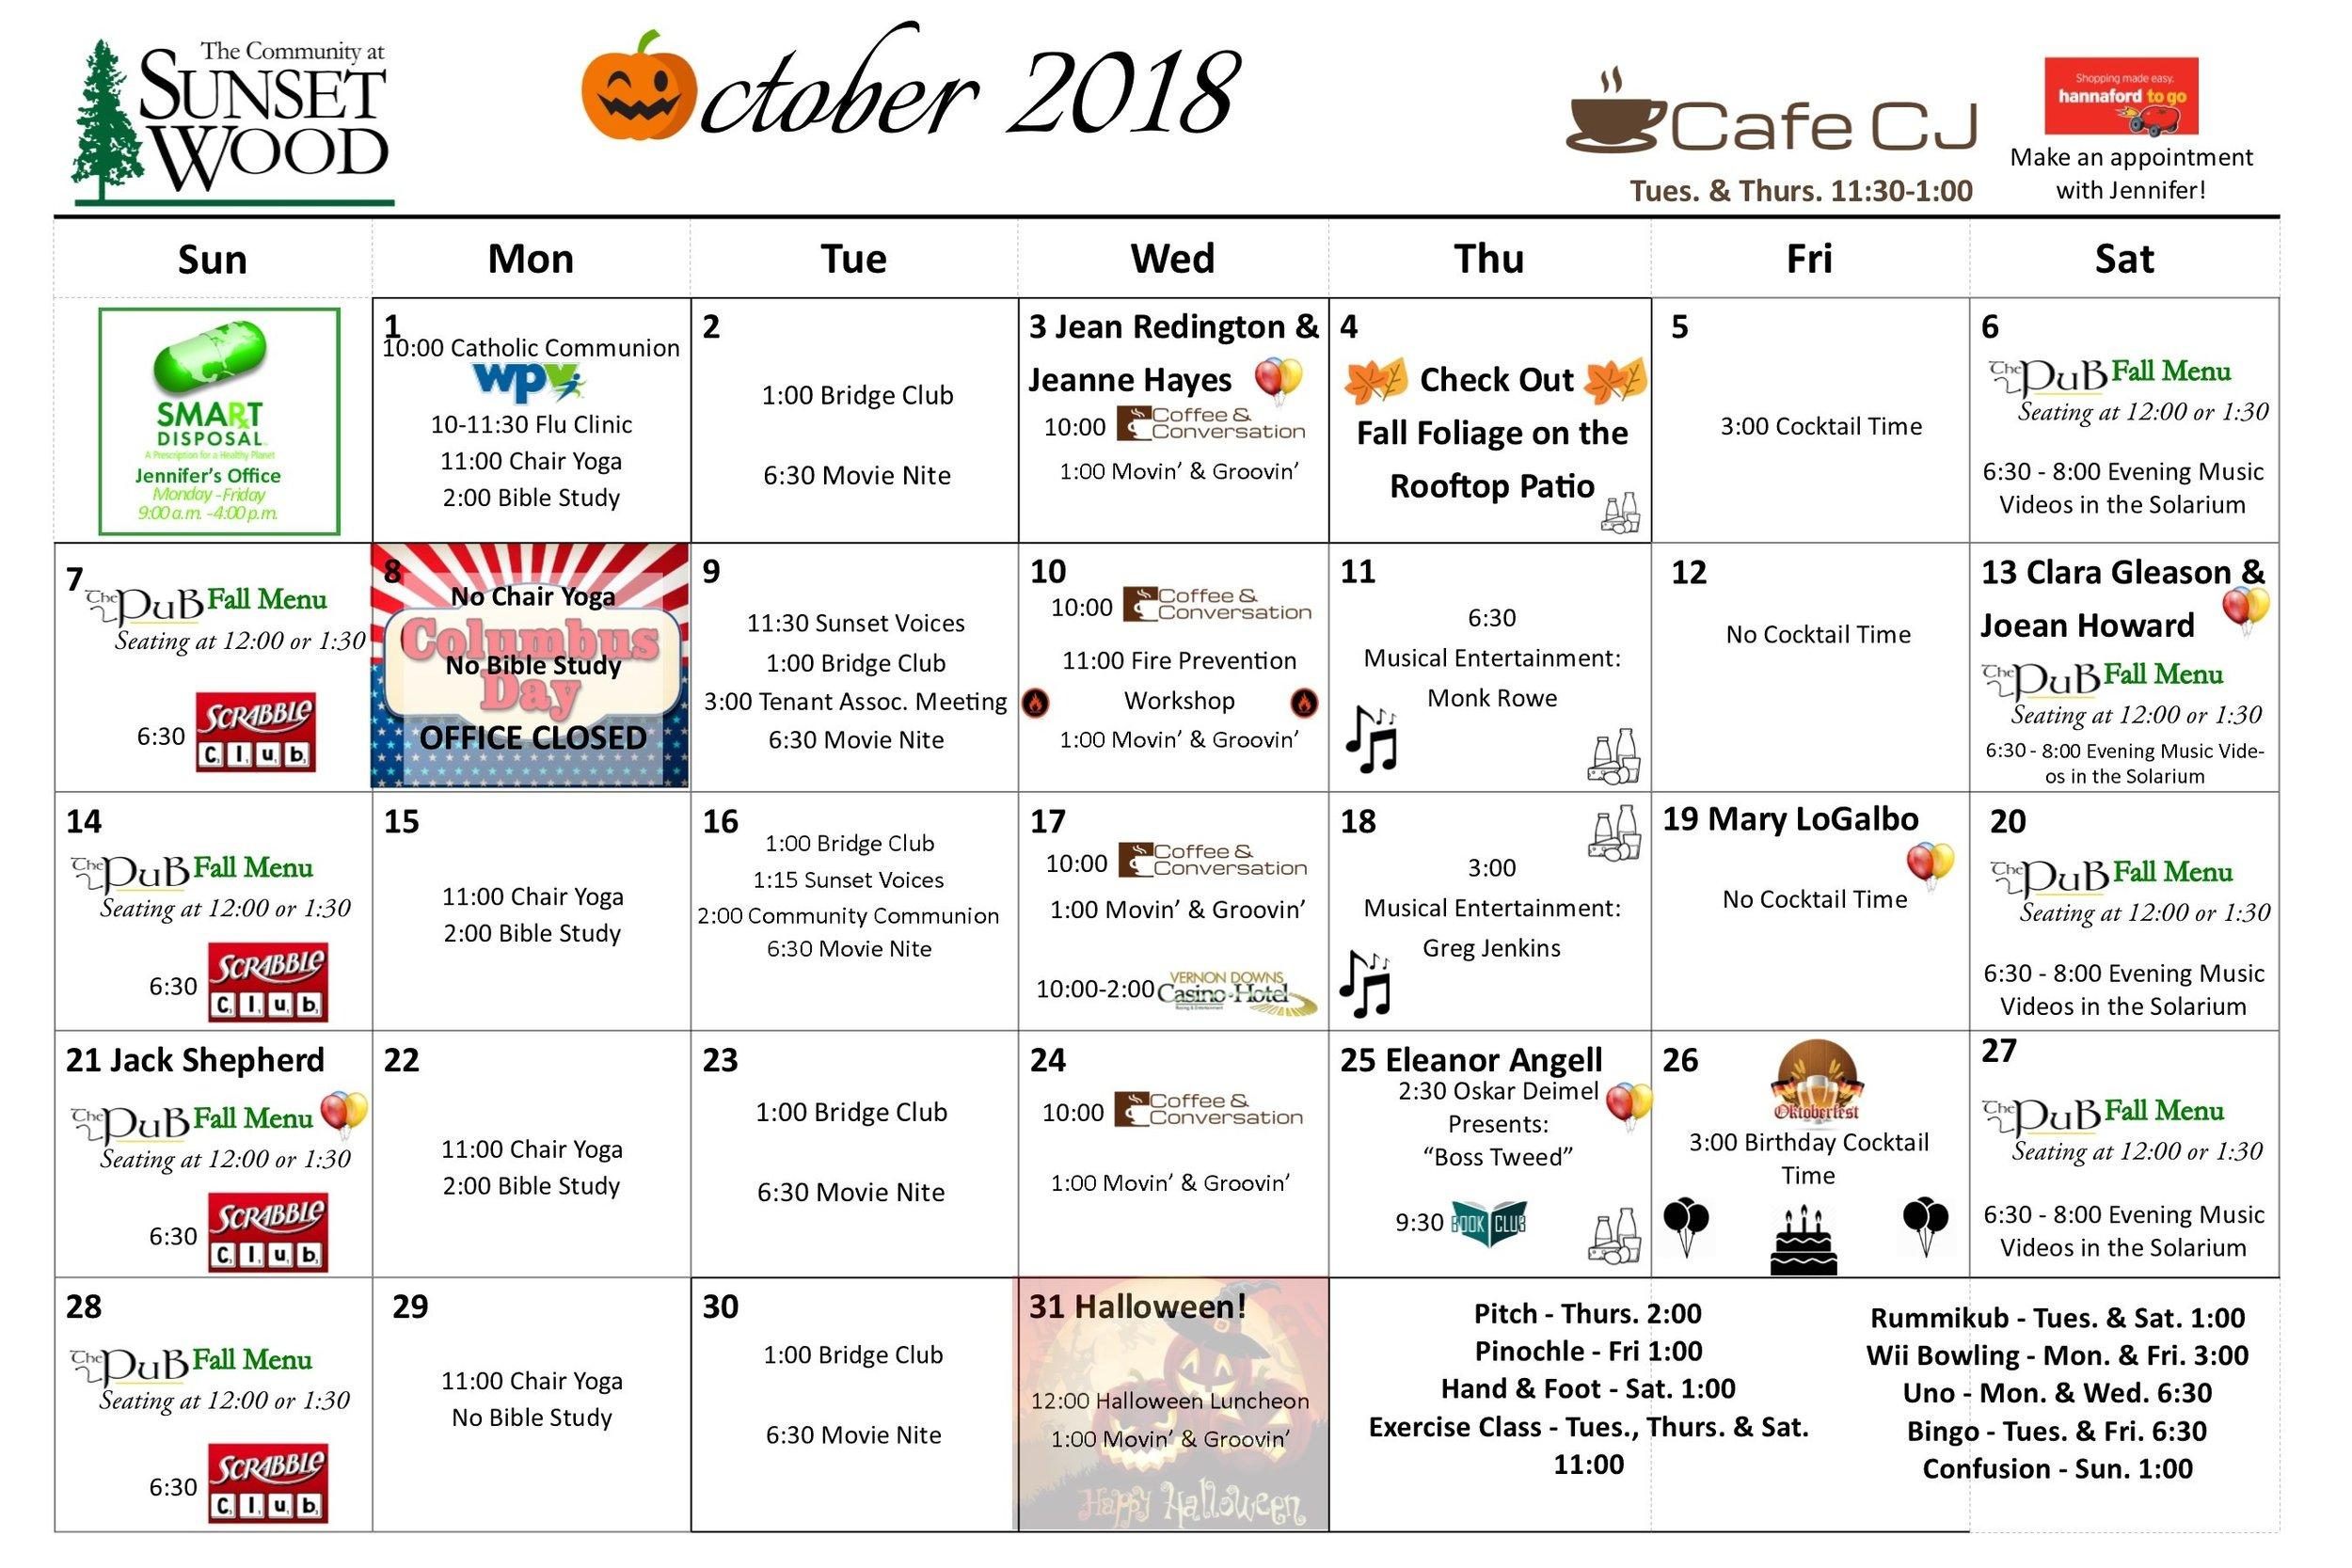 October Gazette 2018 - Calendar.jpg